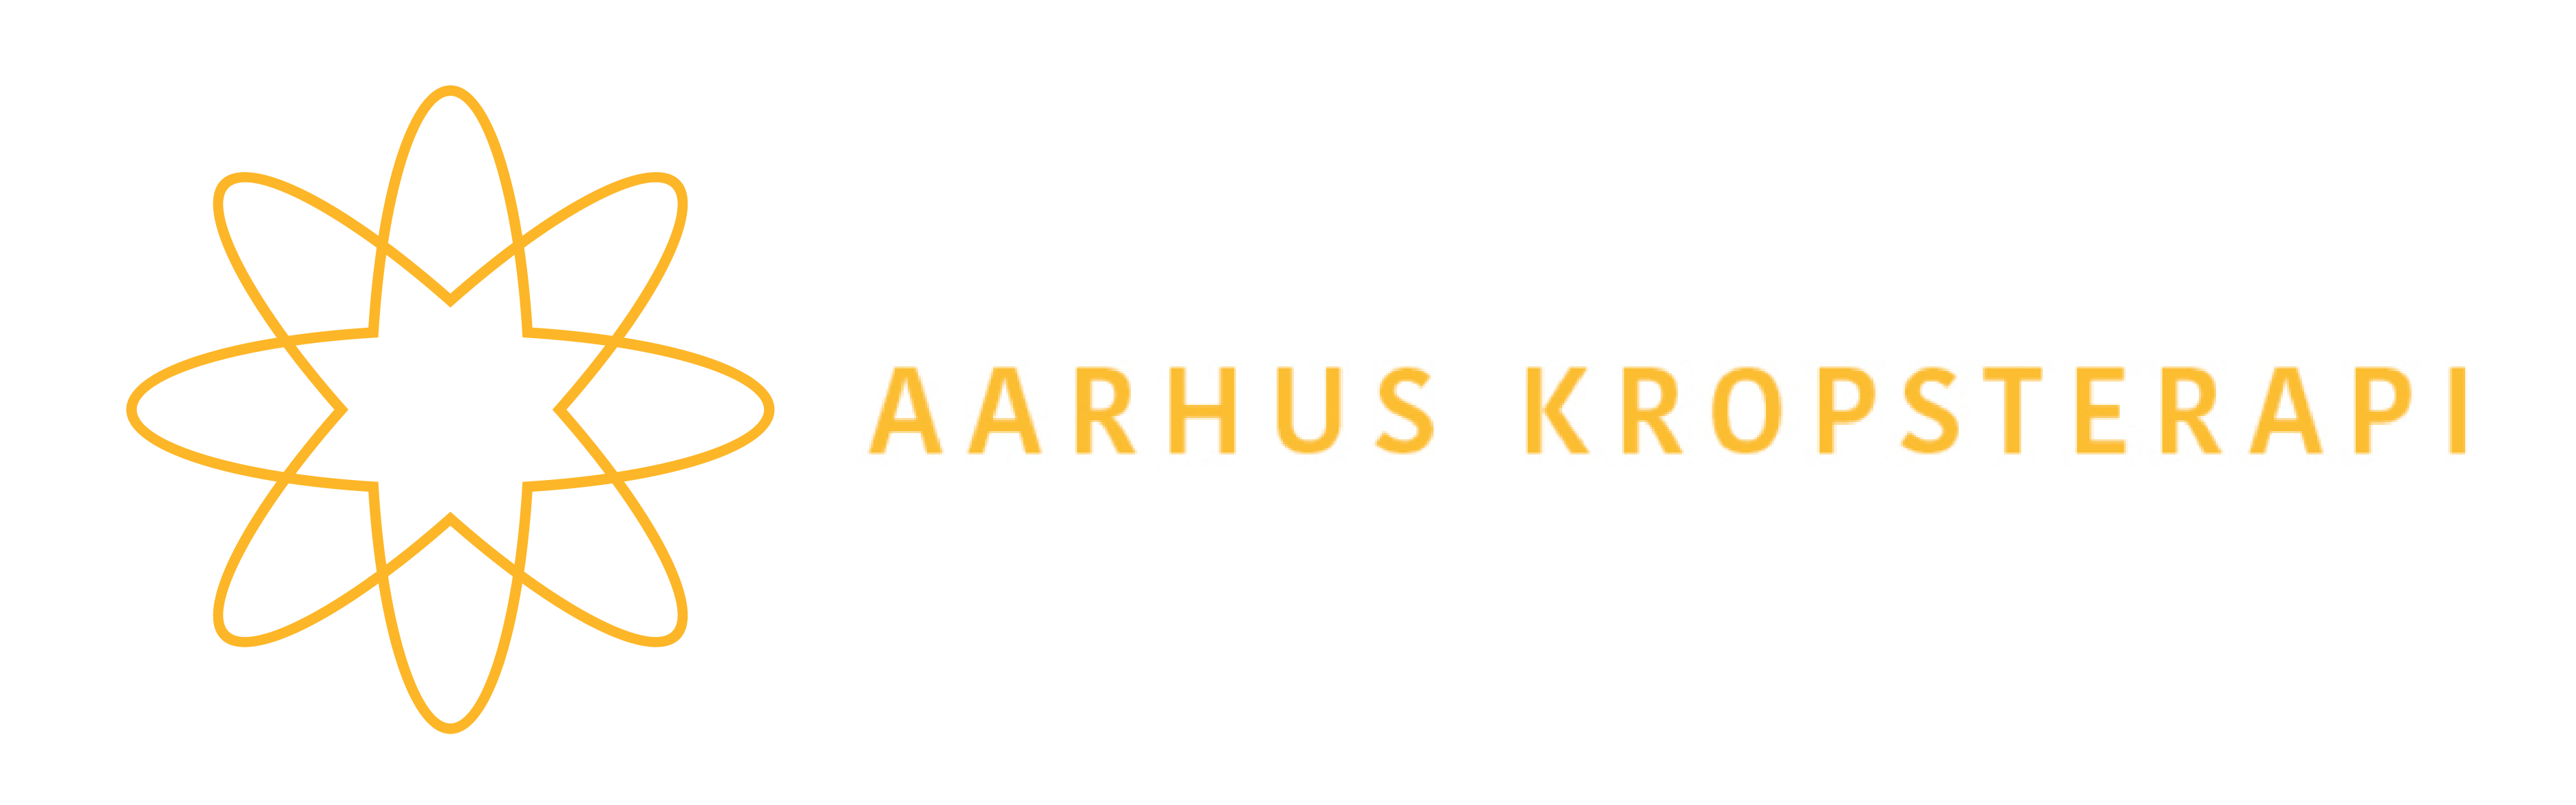 Kropsterapi Åbyhøj - Aarhus Kropsterapi